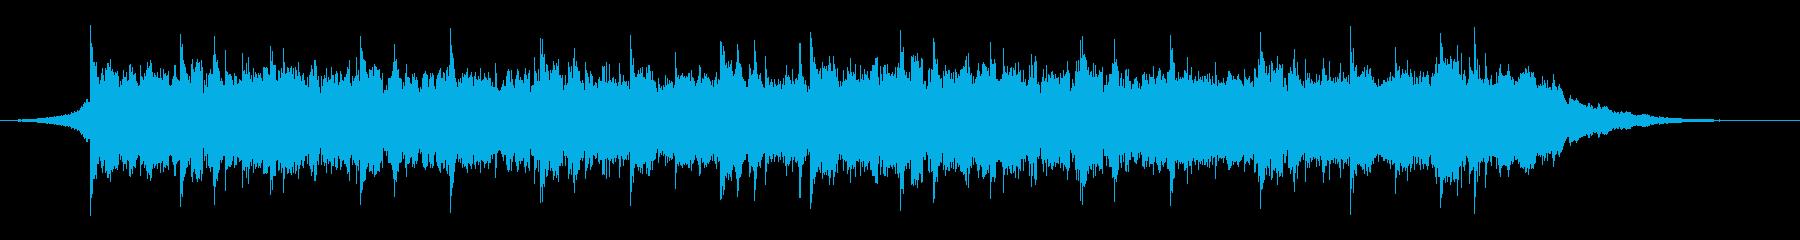 感動的な映像、ピアノ、ポストクラシカル1の再生済みの波形